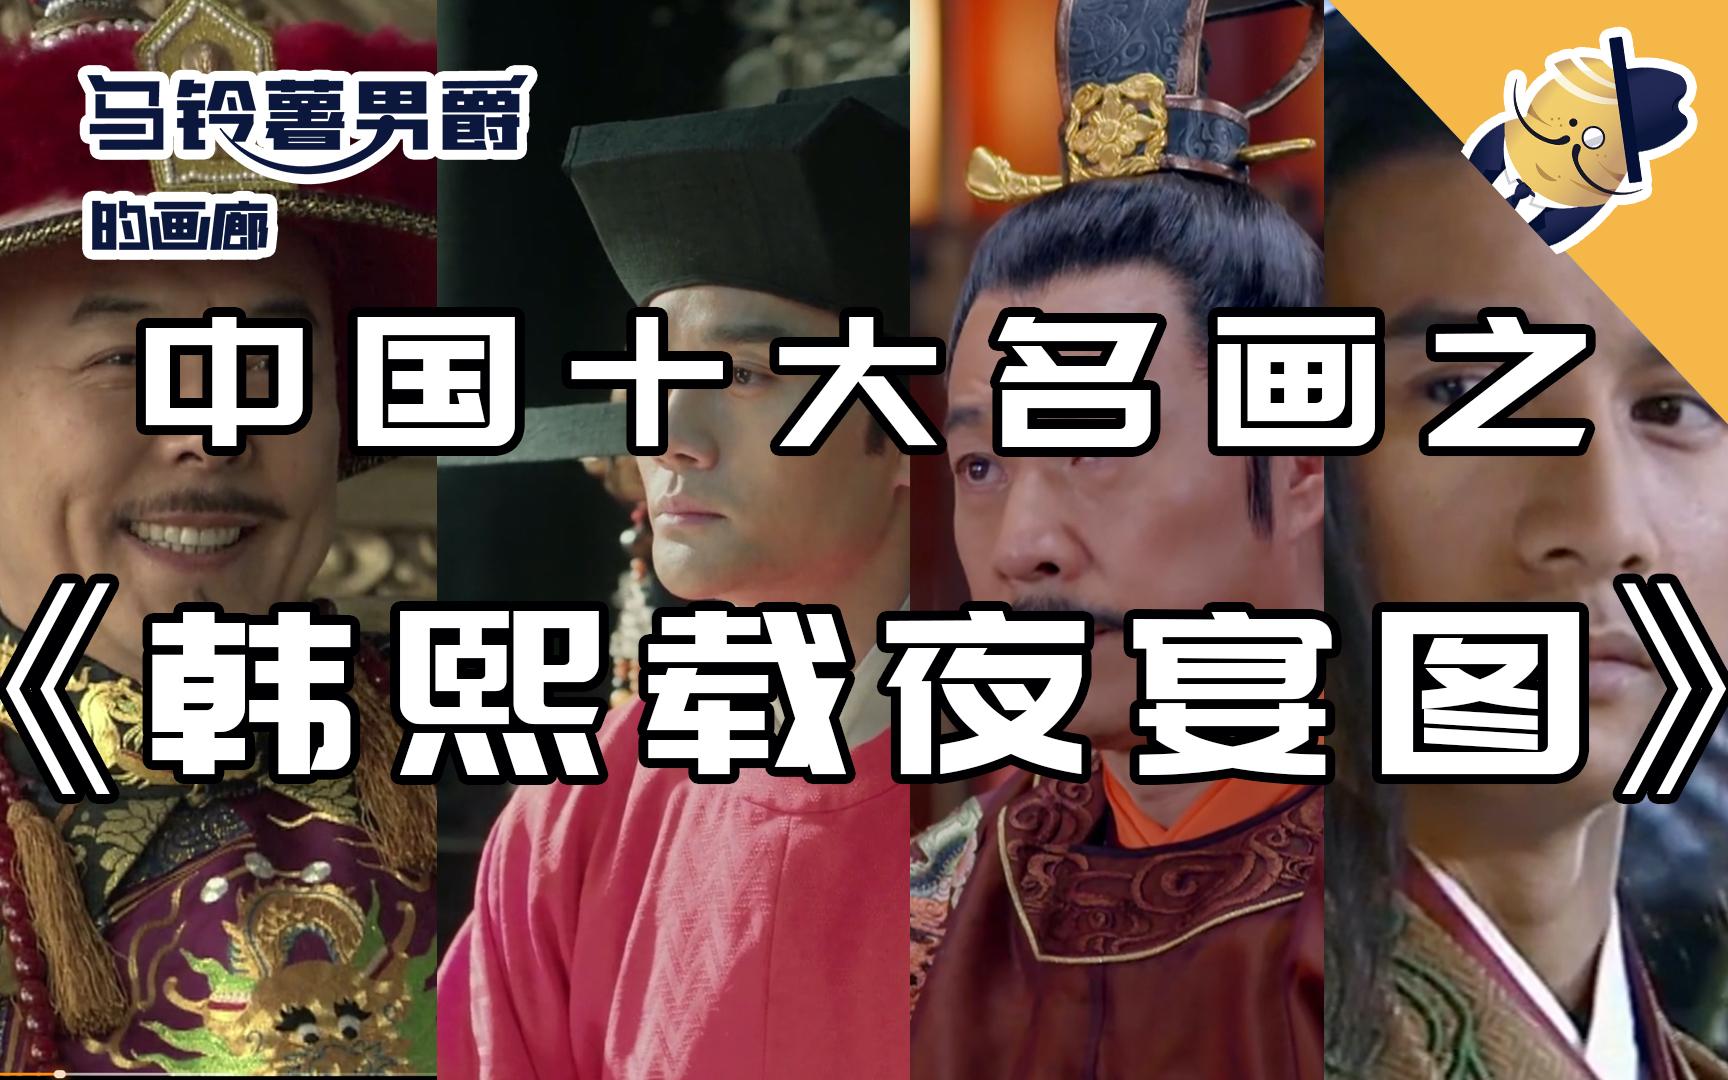 【男爵画廊】败家皇帝 • 阴间茶会(二)